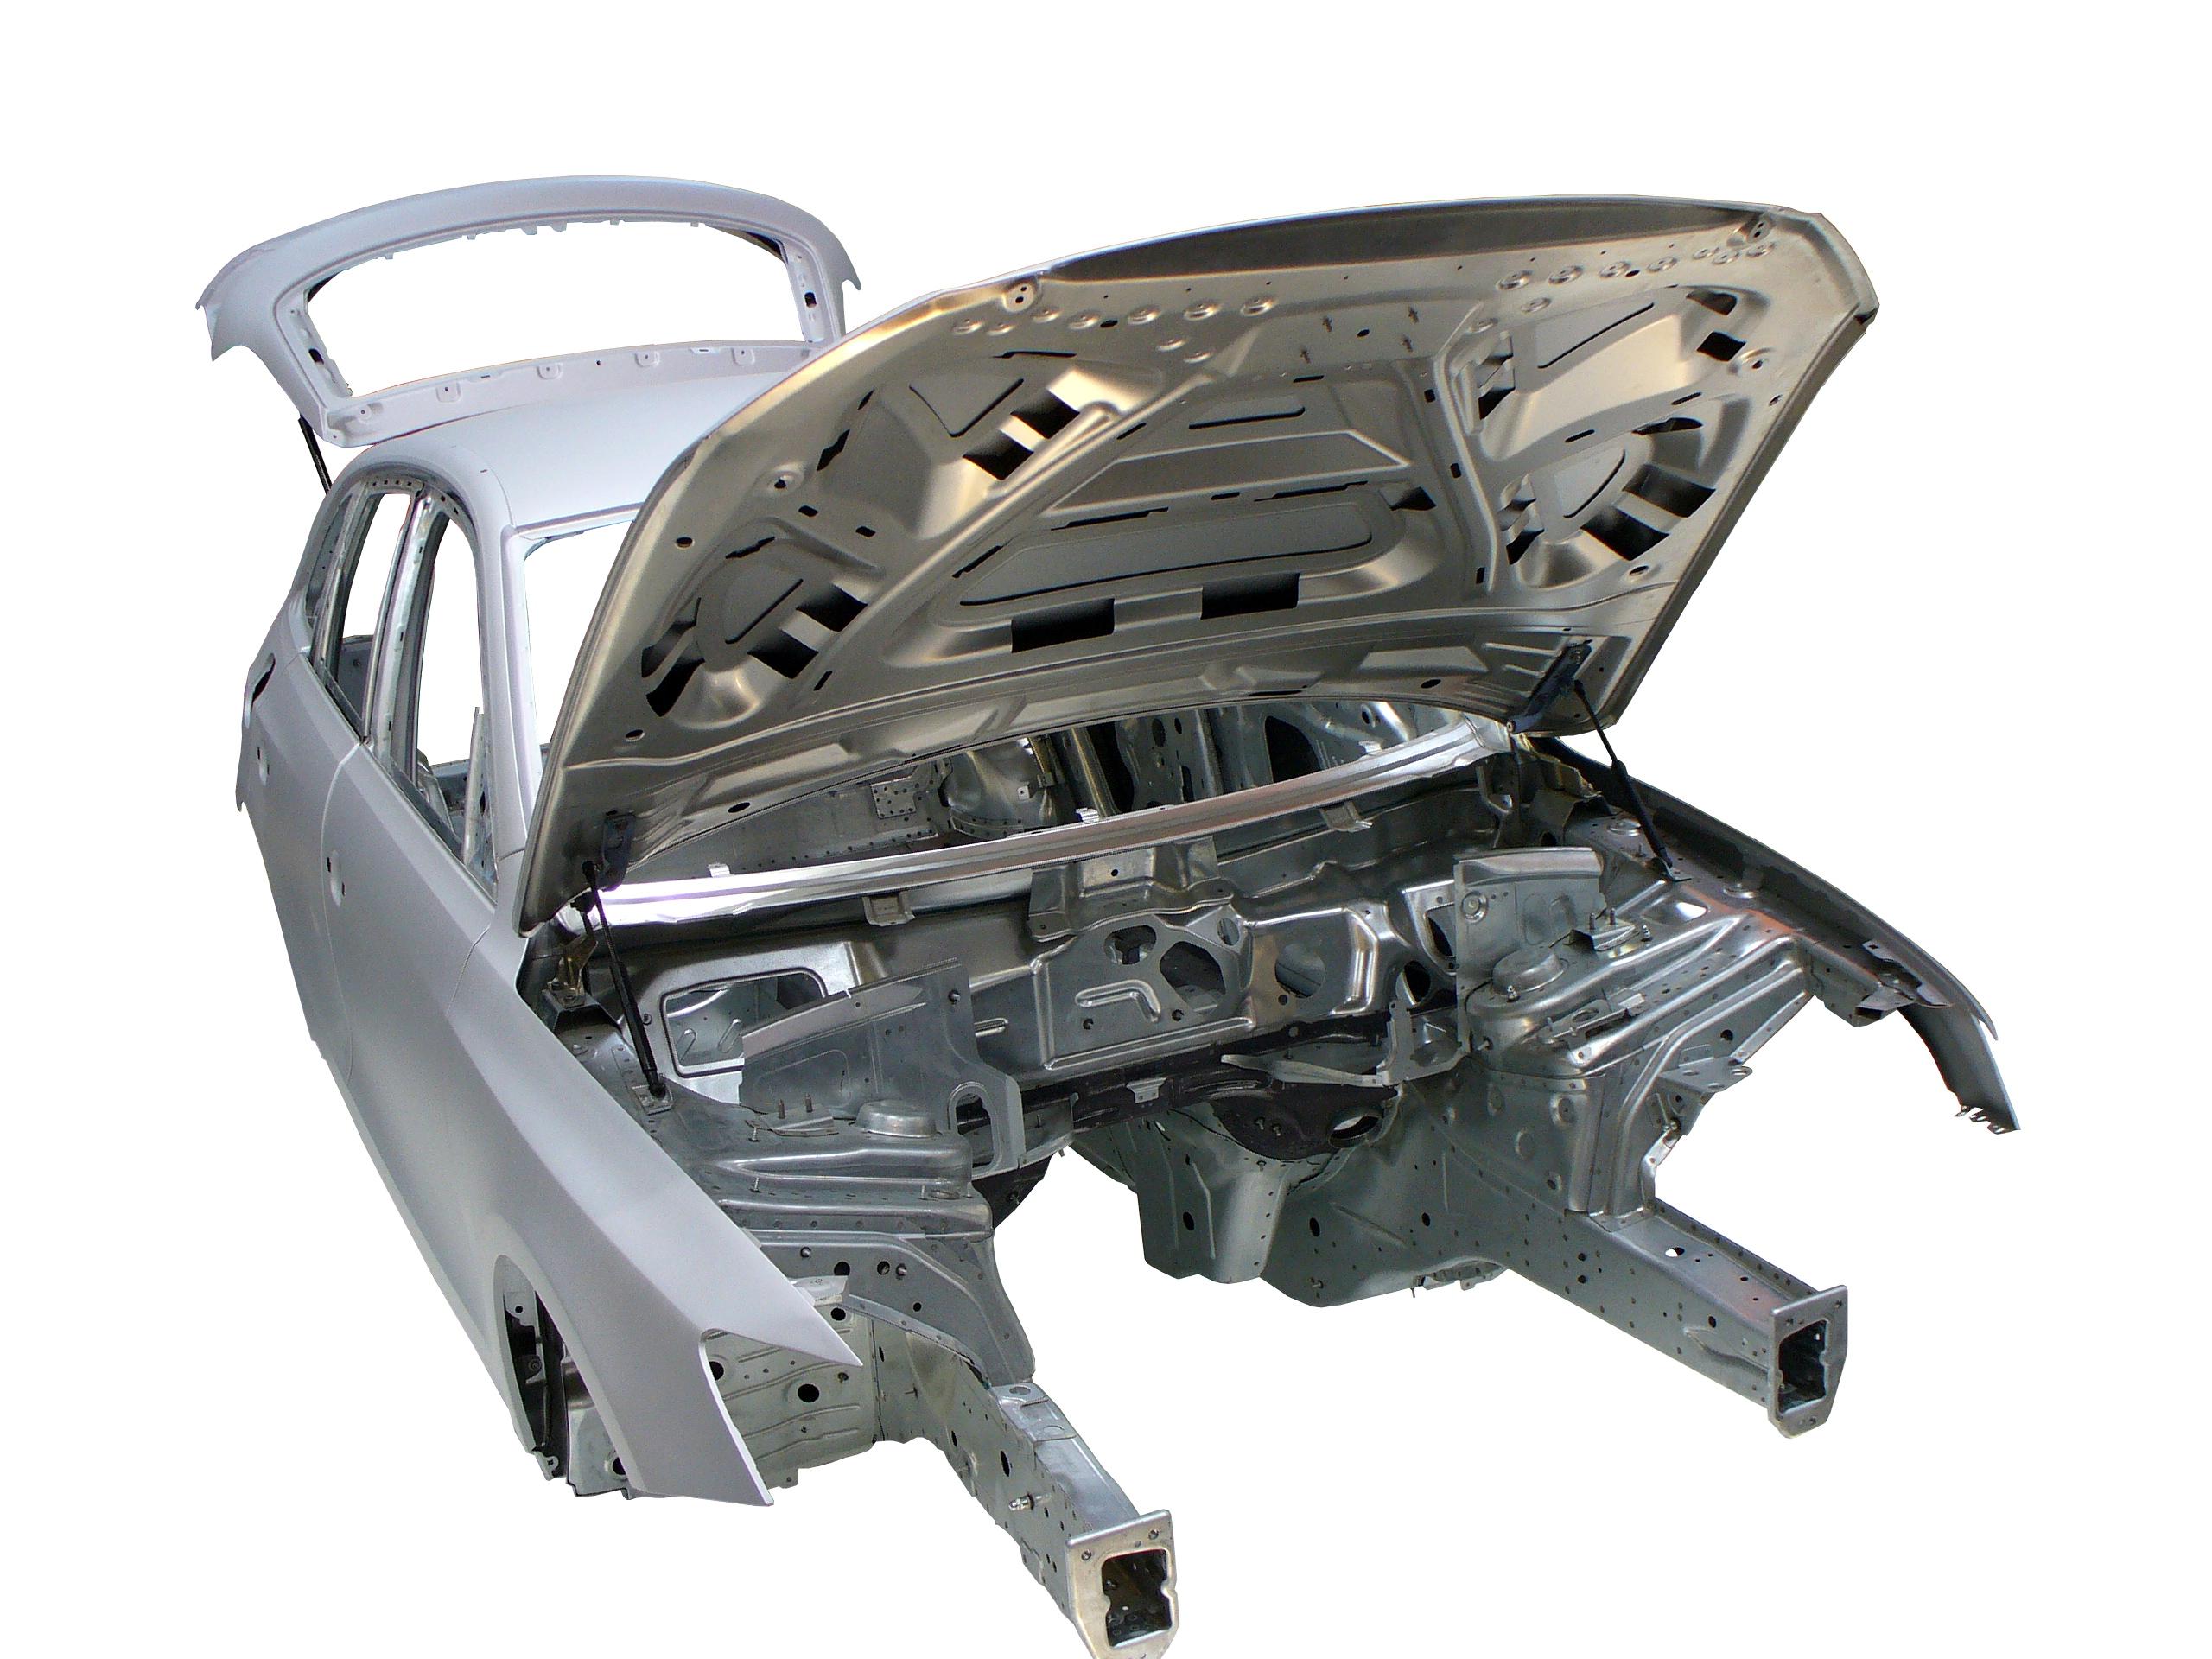 Blick auf die Rohkarosserie des Audi Q5 von 2012 von schräg rechts vorne